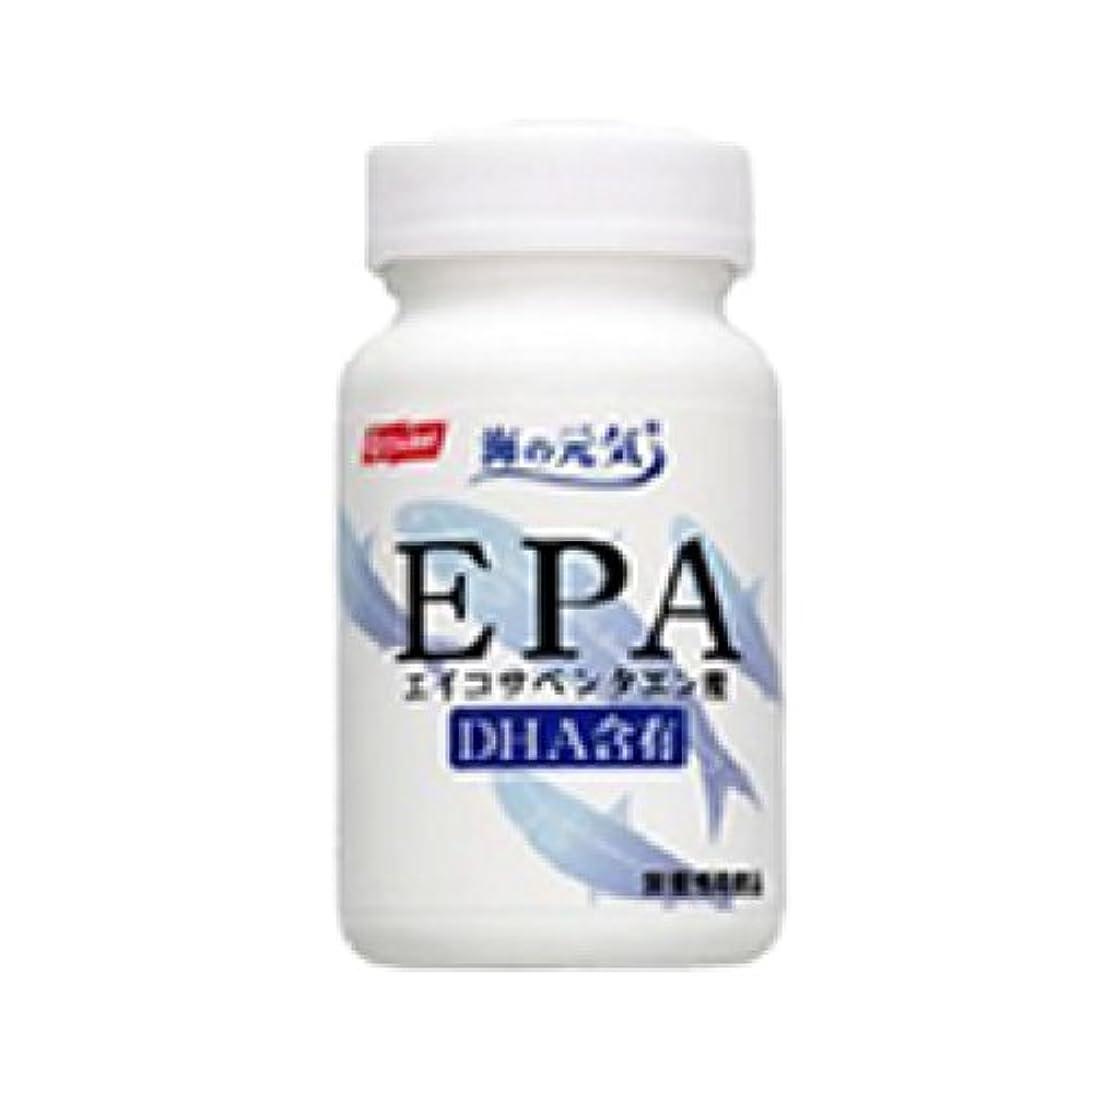 話適応夫海の元気 EPA 120粒入(お試しセット)